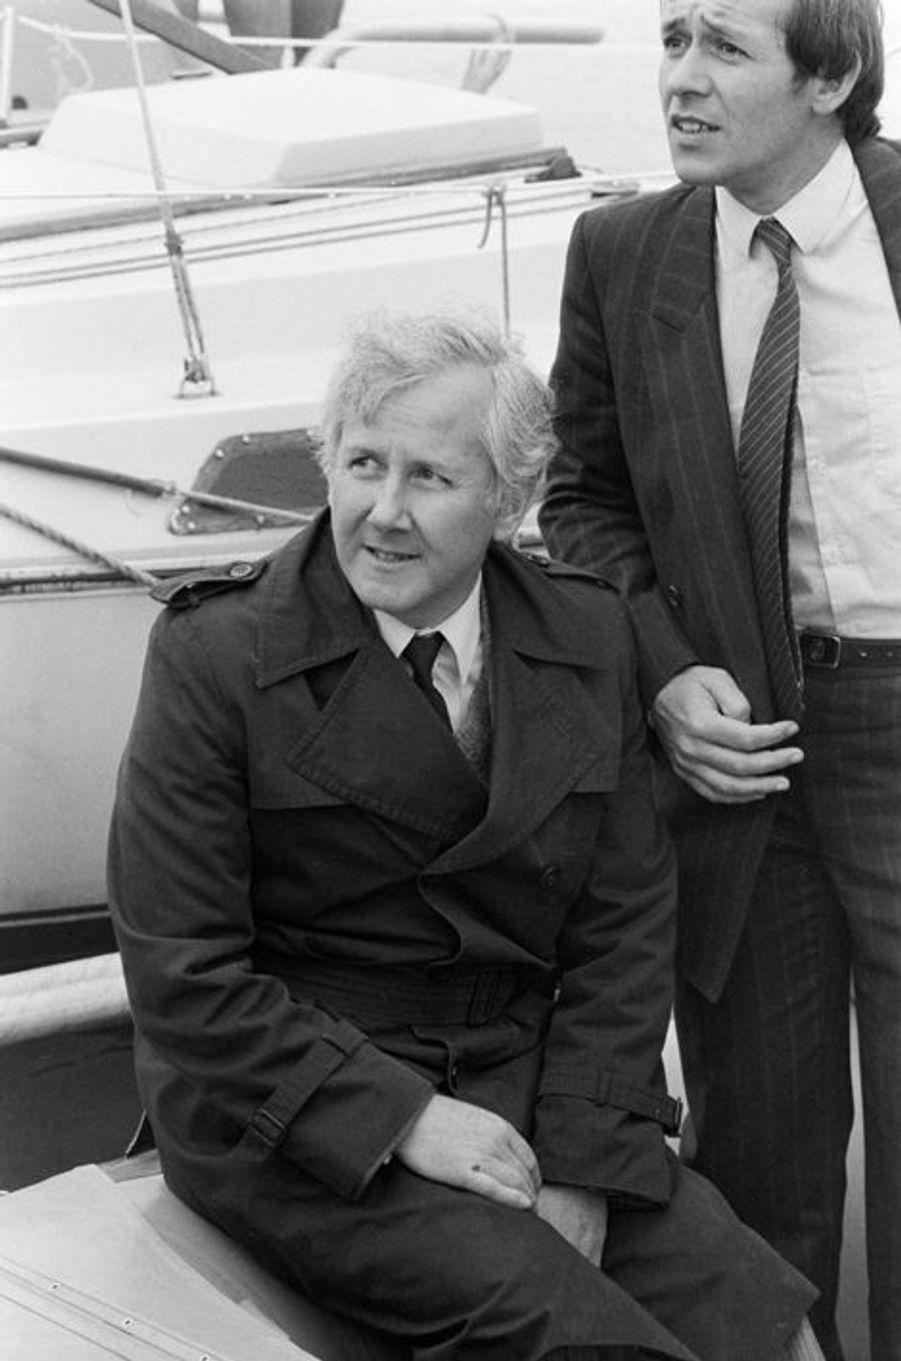 Lorient - 20 mai 1983 - Dans un port, lors de la préparation du voilier PAUL RICARD du navigateur Eric TABARLY, avant le départ de la 2e transat en double Lorient - les Bermudes - Lorient : Guy LENGAGNE, secrétaire dEtat aux transports, assis sur le pont du bateau, en compagnie de Jean-Yves LE DRIAN, maire de la ville.